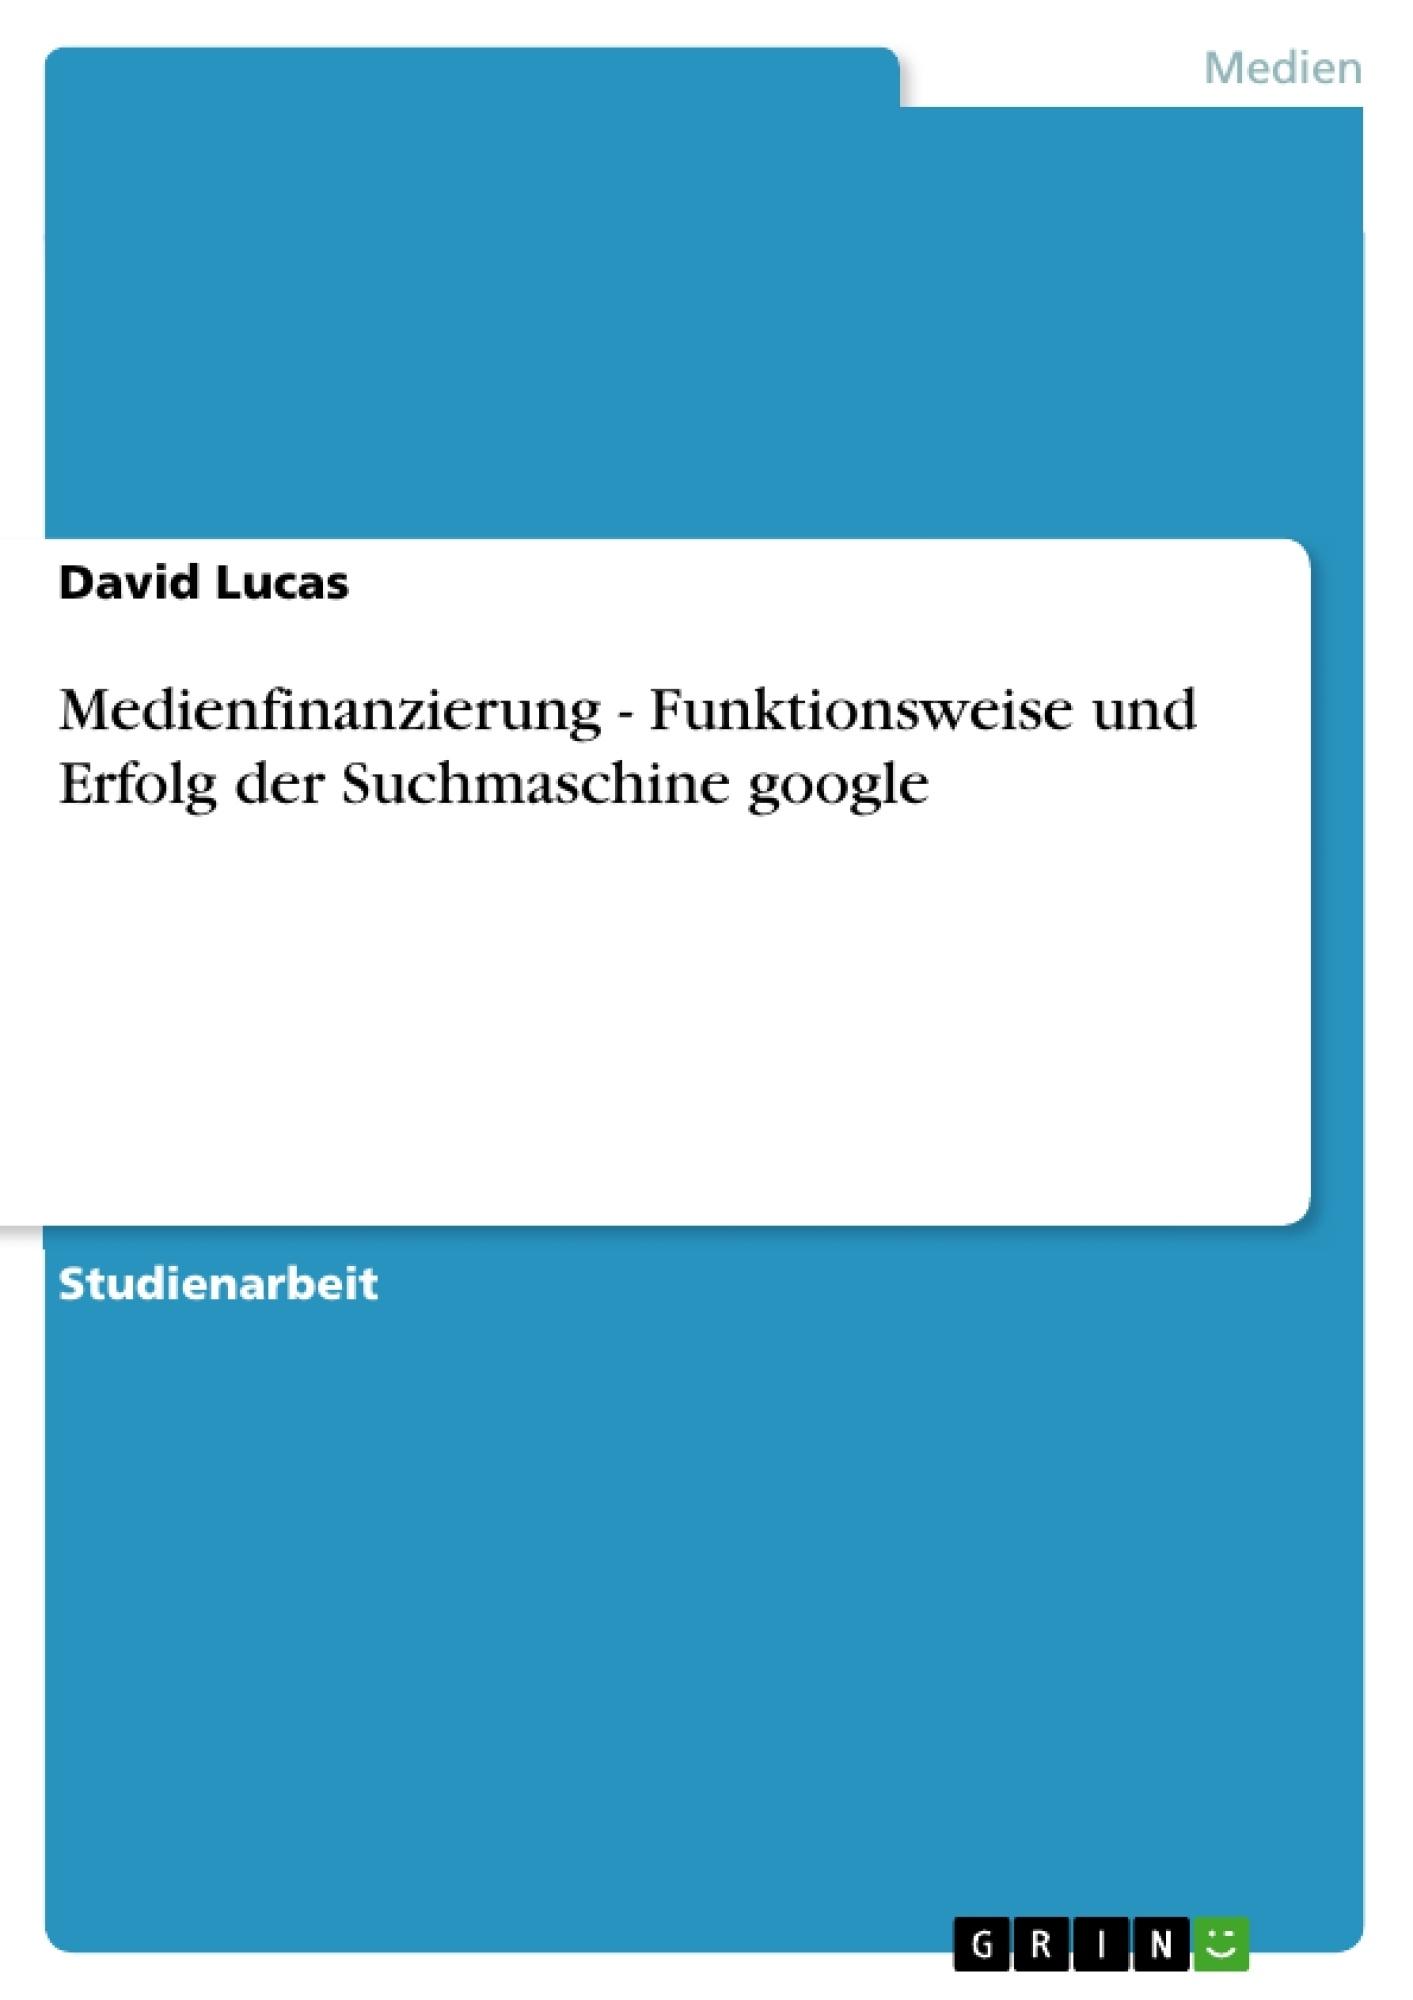 Titel: Medienfinanzierung - Funktionsweise und Erfolg der Suchmaschine google